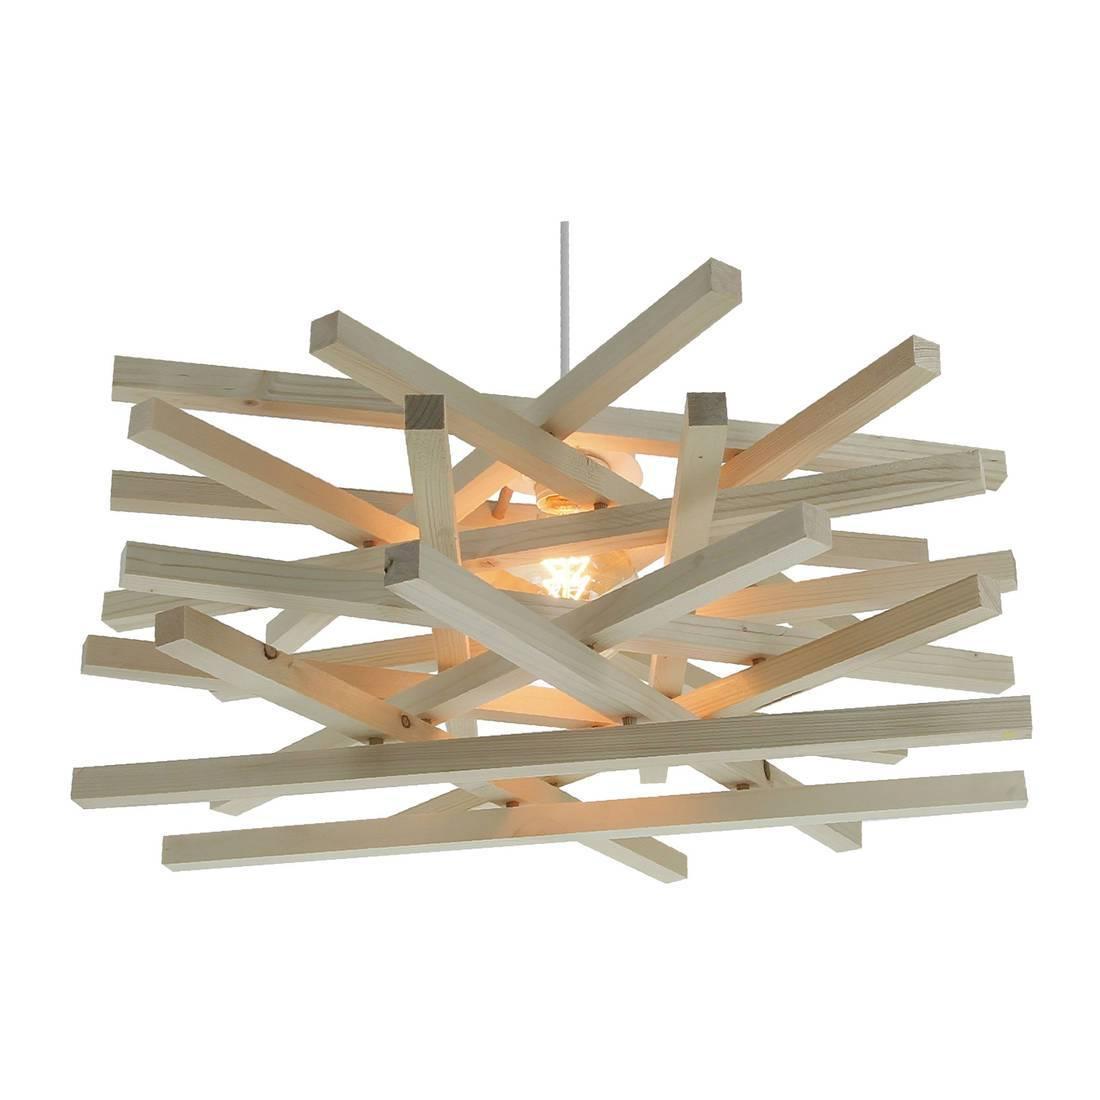 Nid suspension bois 56cm h 24cm c ble 60cm - Suspension bois design ...